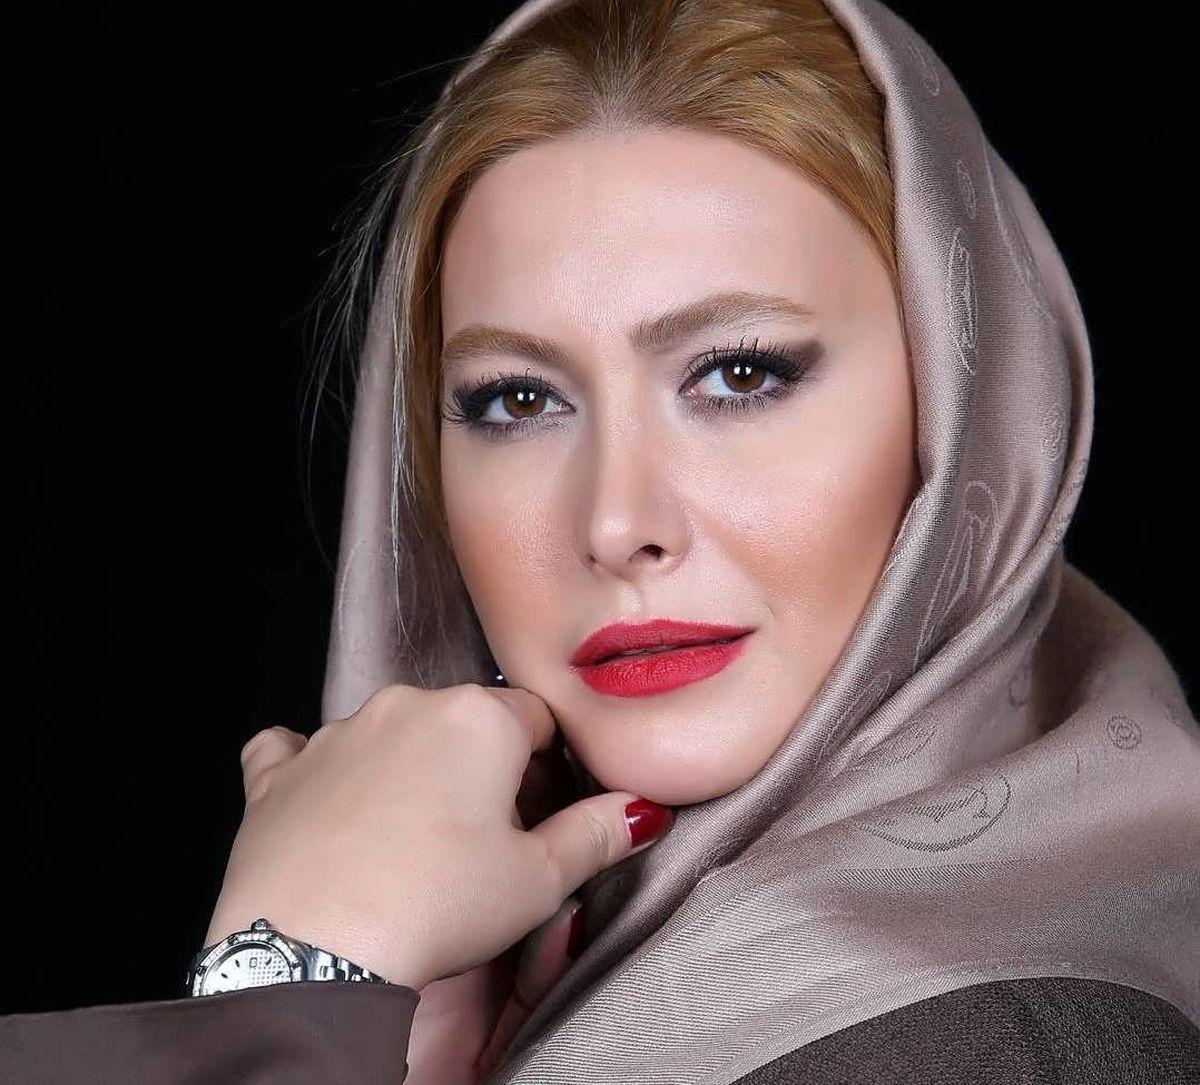 قول فریبا نادری به علی انصاریان دلها را لرزاند + عکس